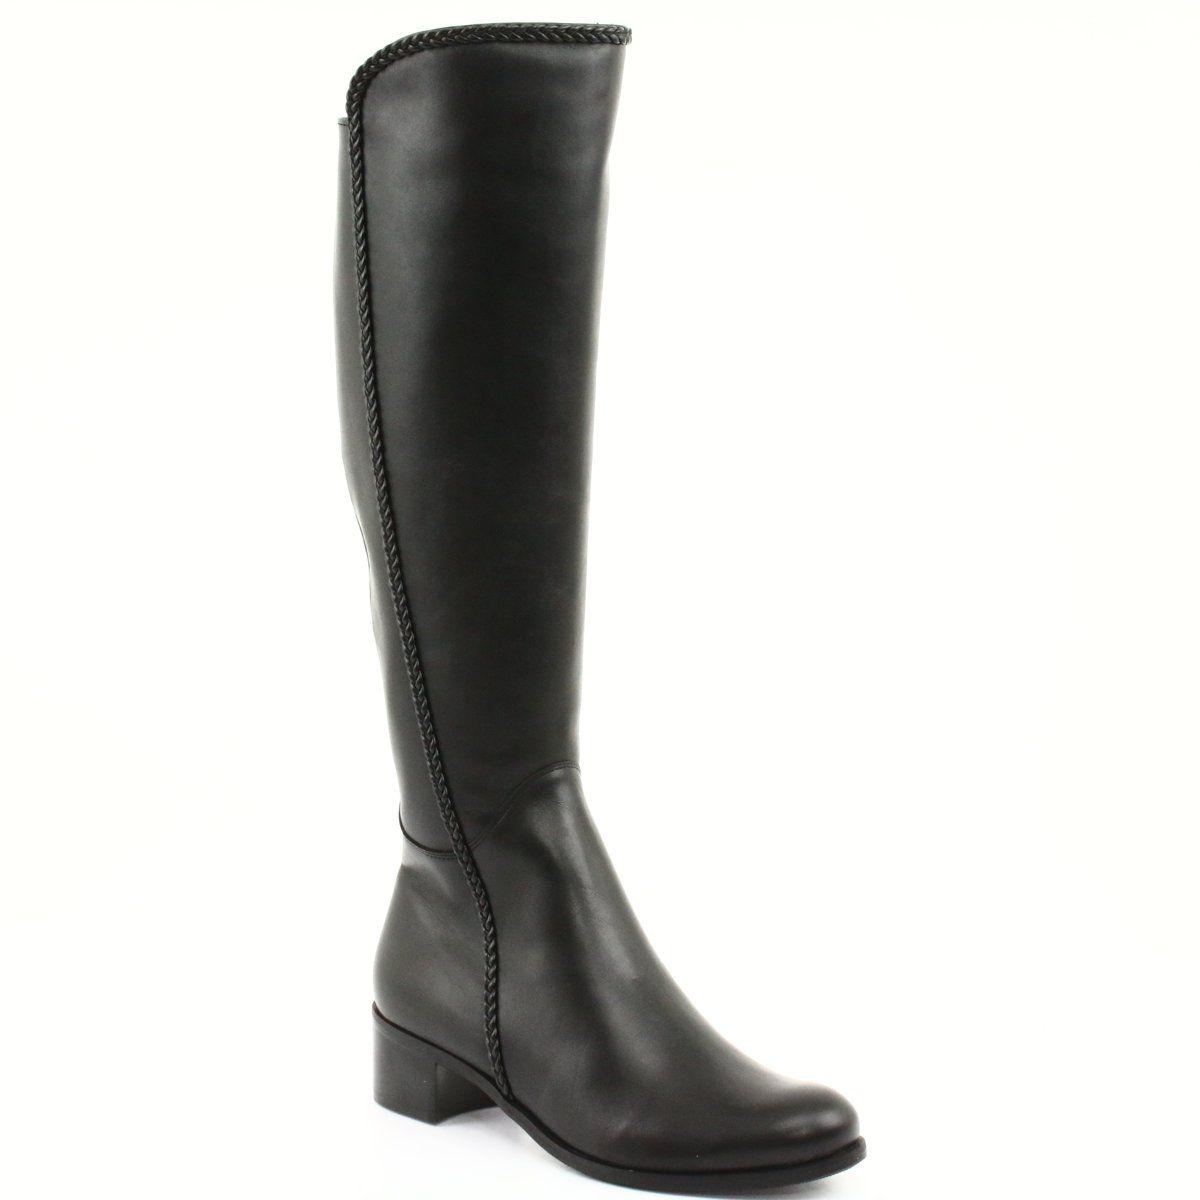 Dlugie Kozaki Z Warkoczem Espinto 194 Darex Czarne Boots Winter Boots Women Long Boots